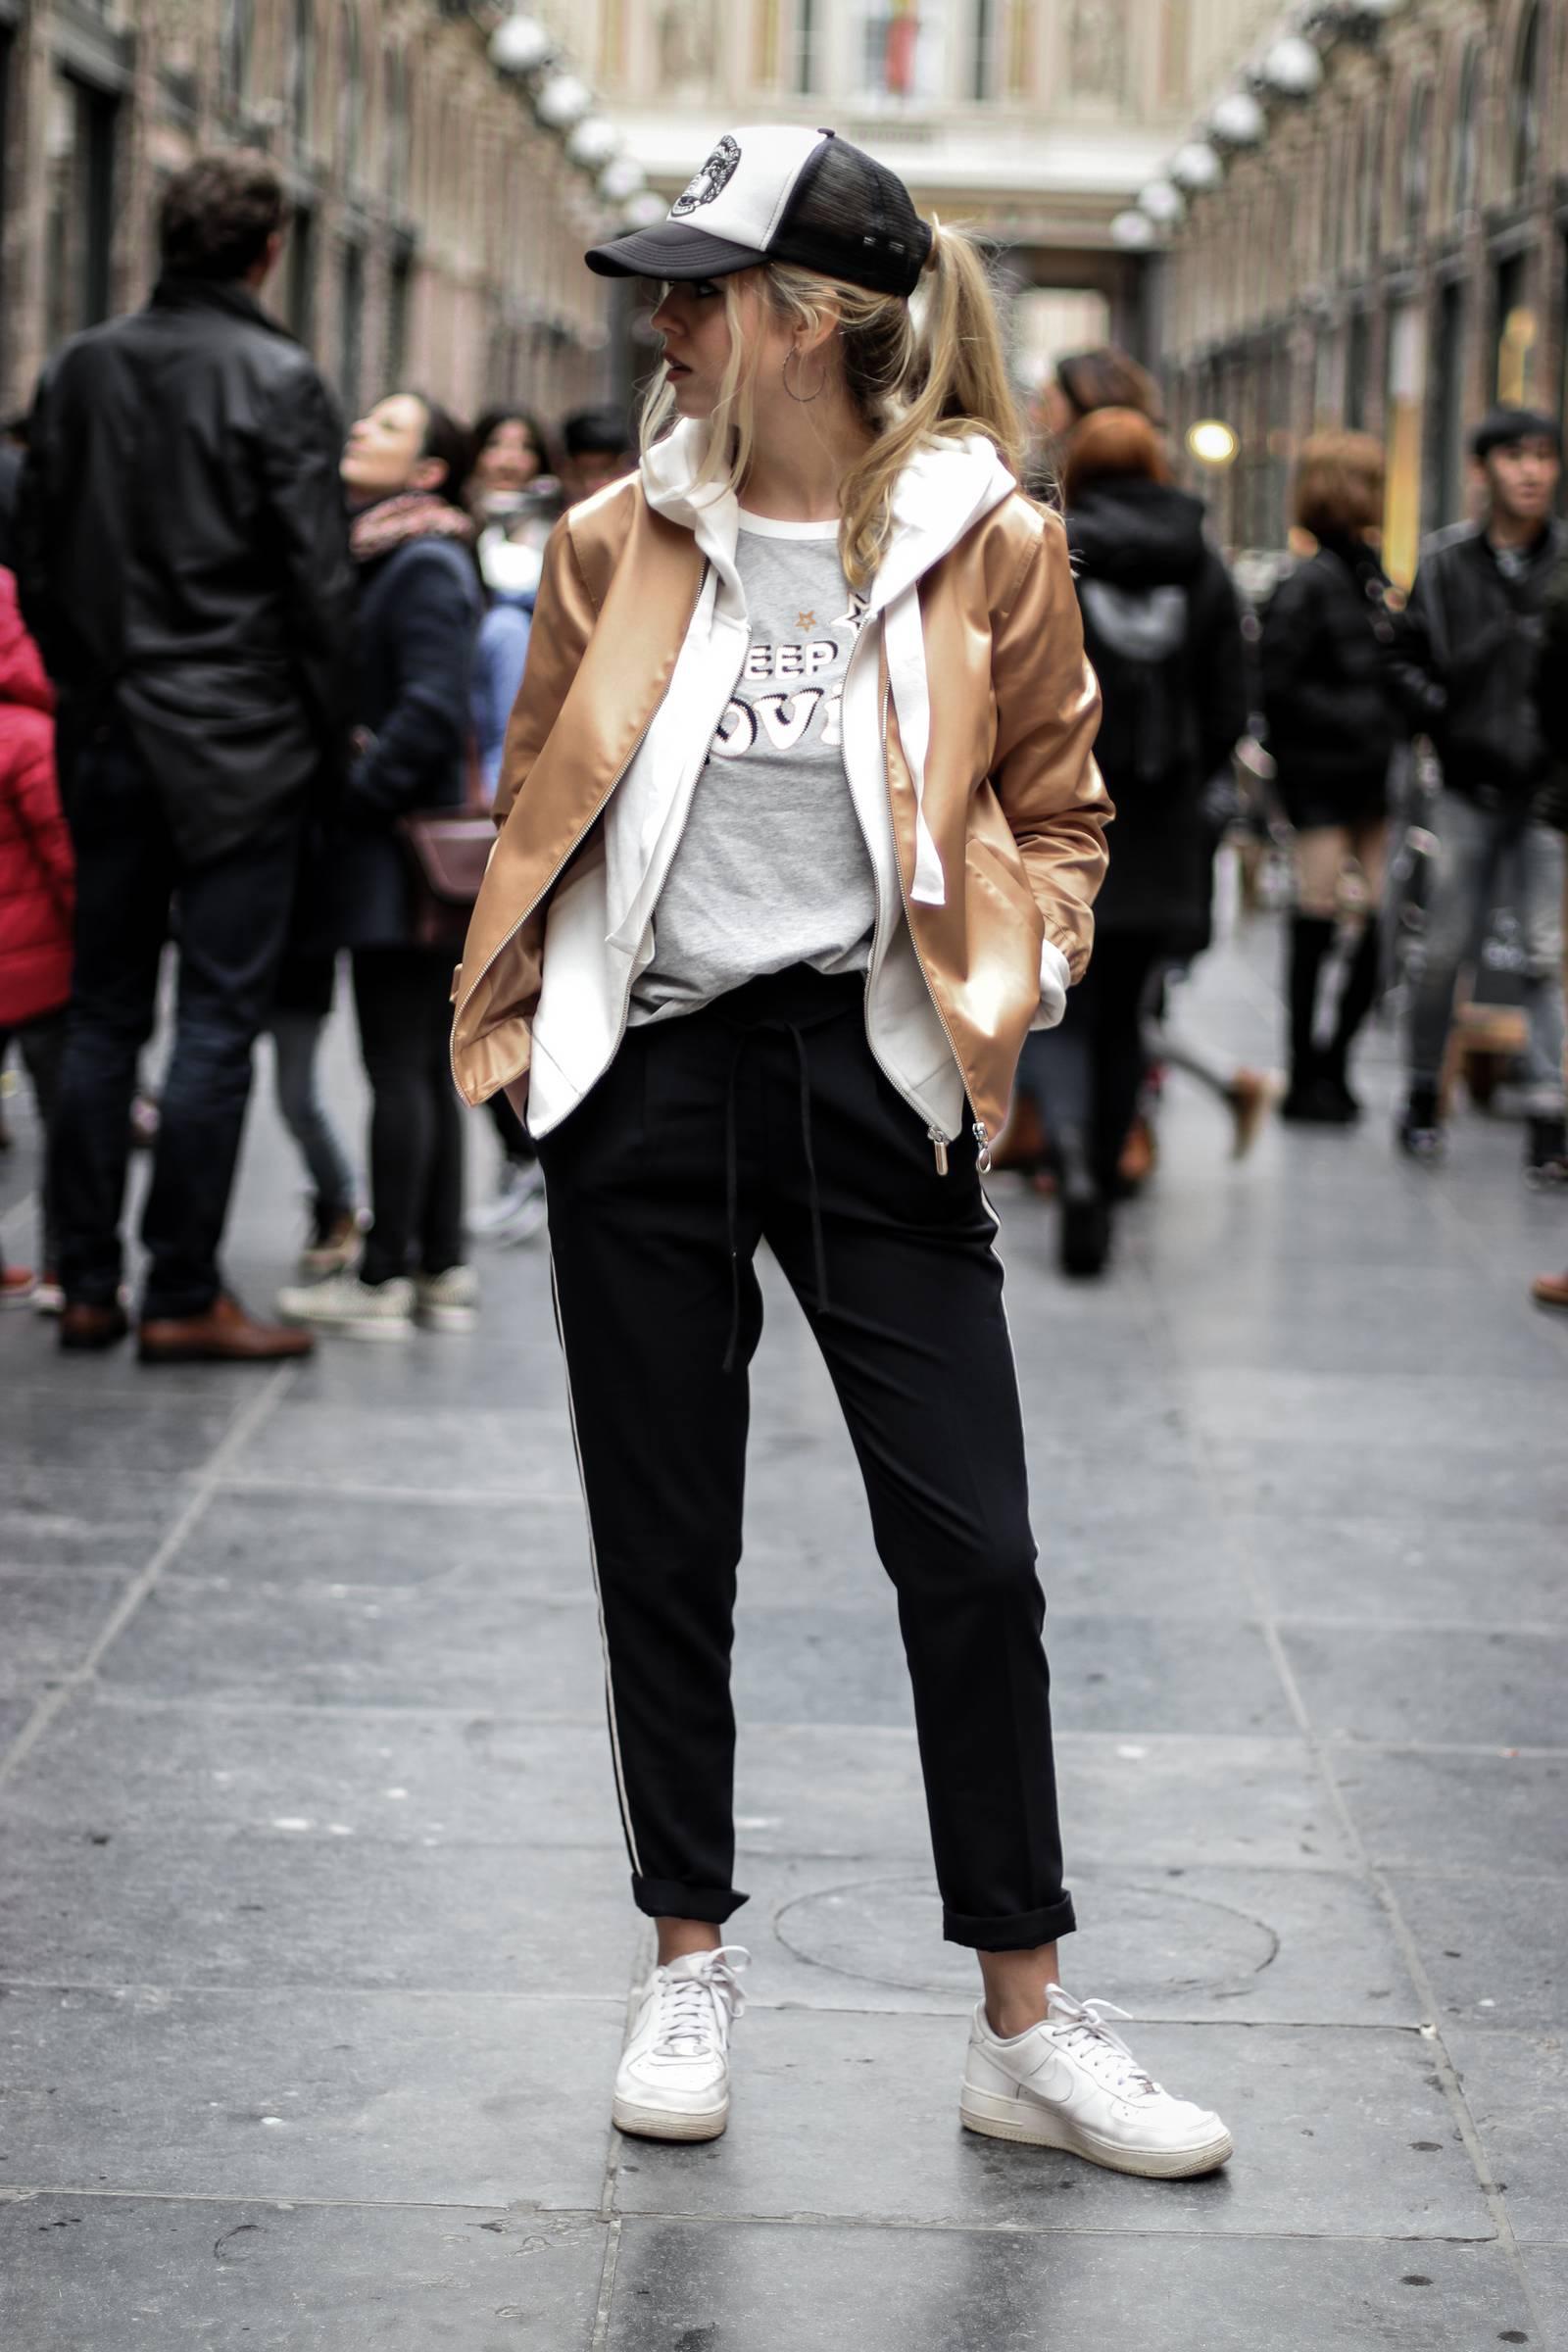 Sportswear outfit